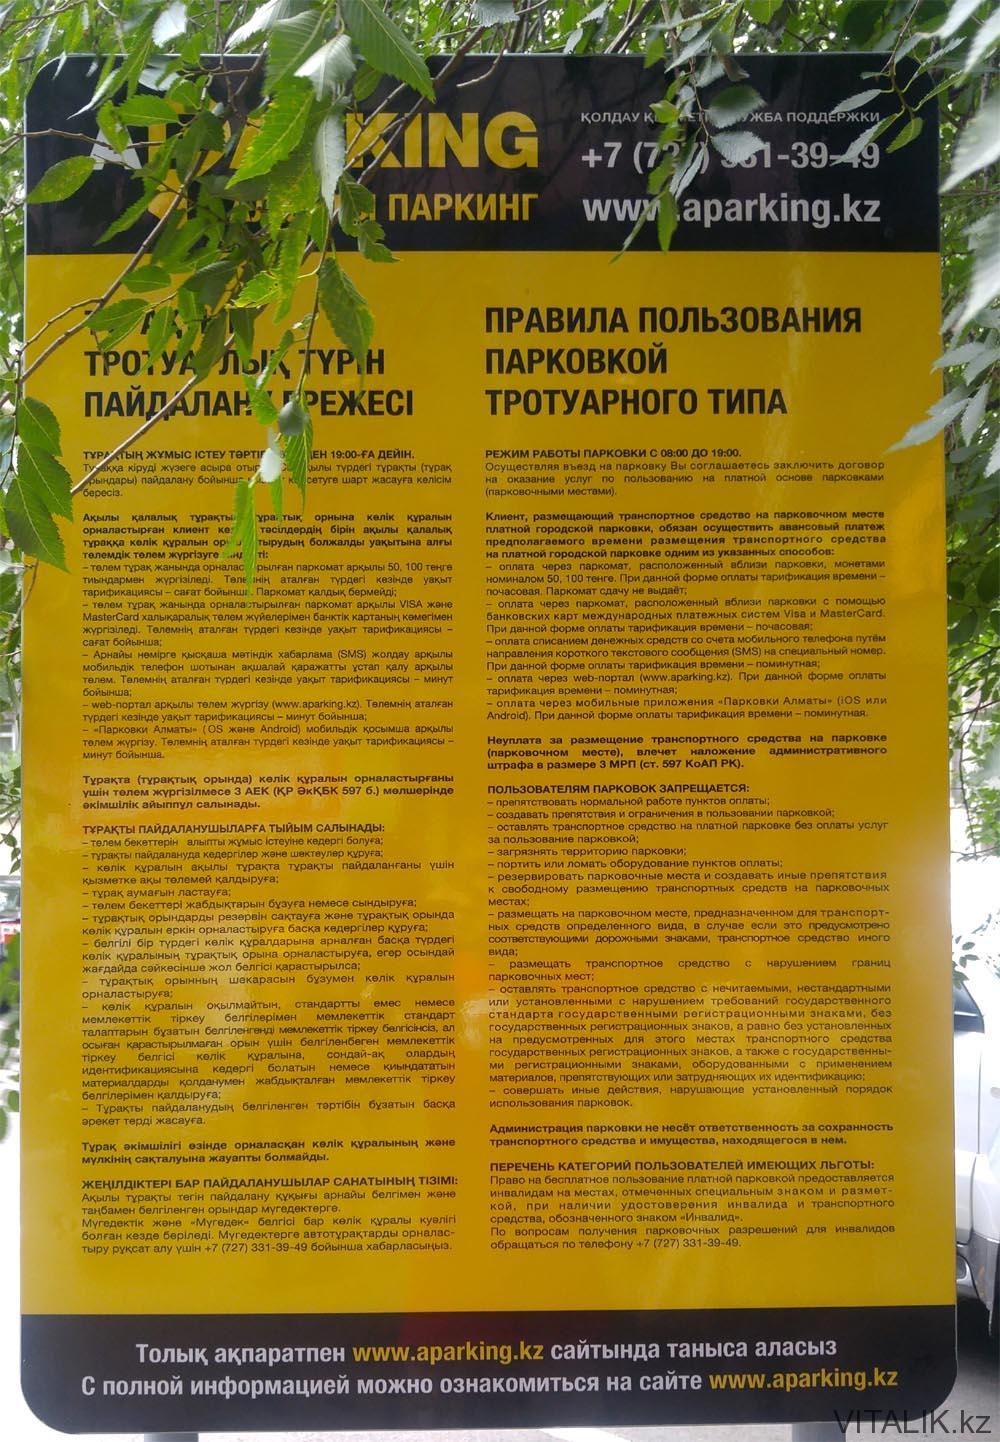 правила пользования парковкой Алматы